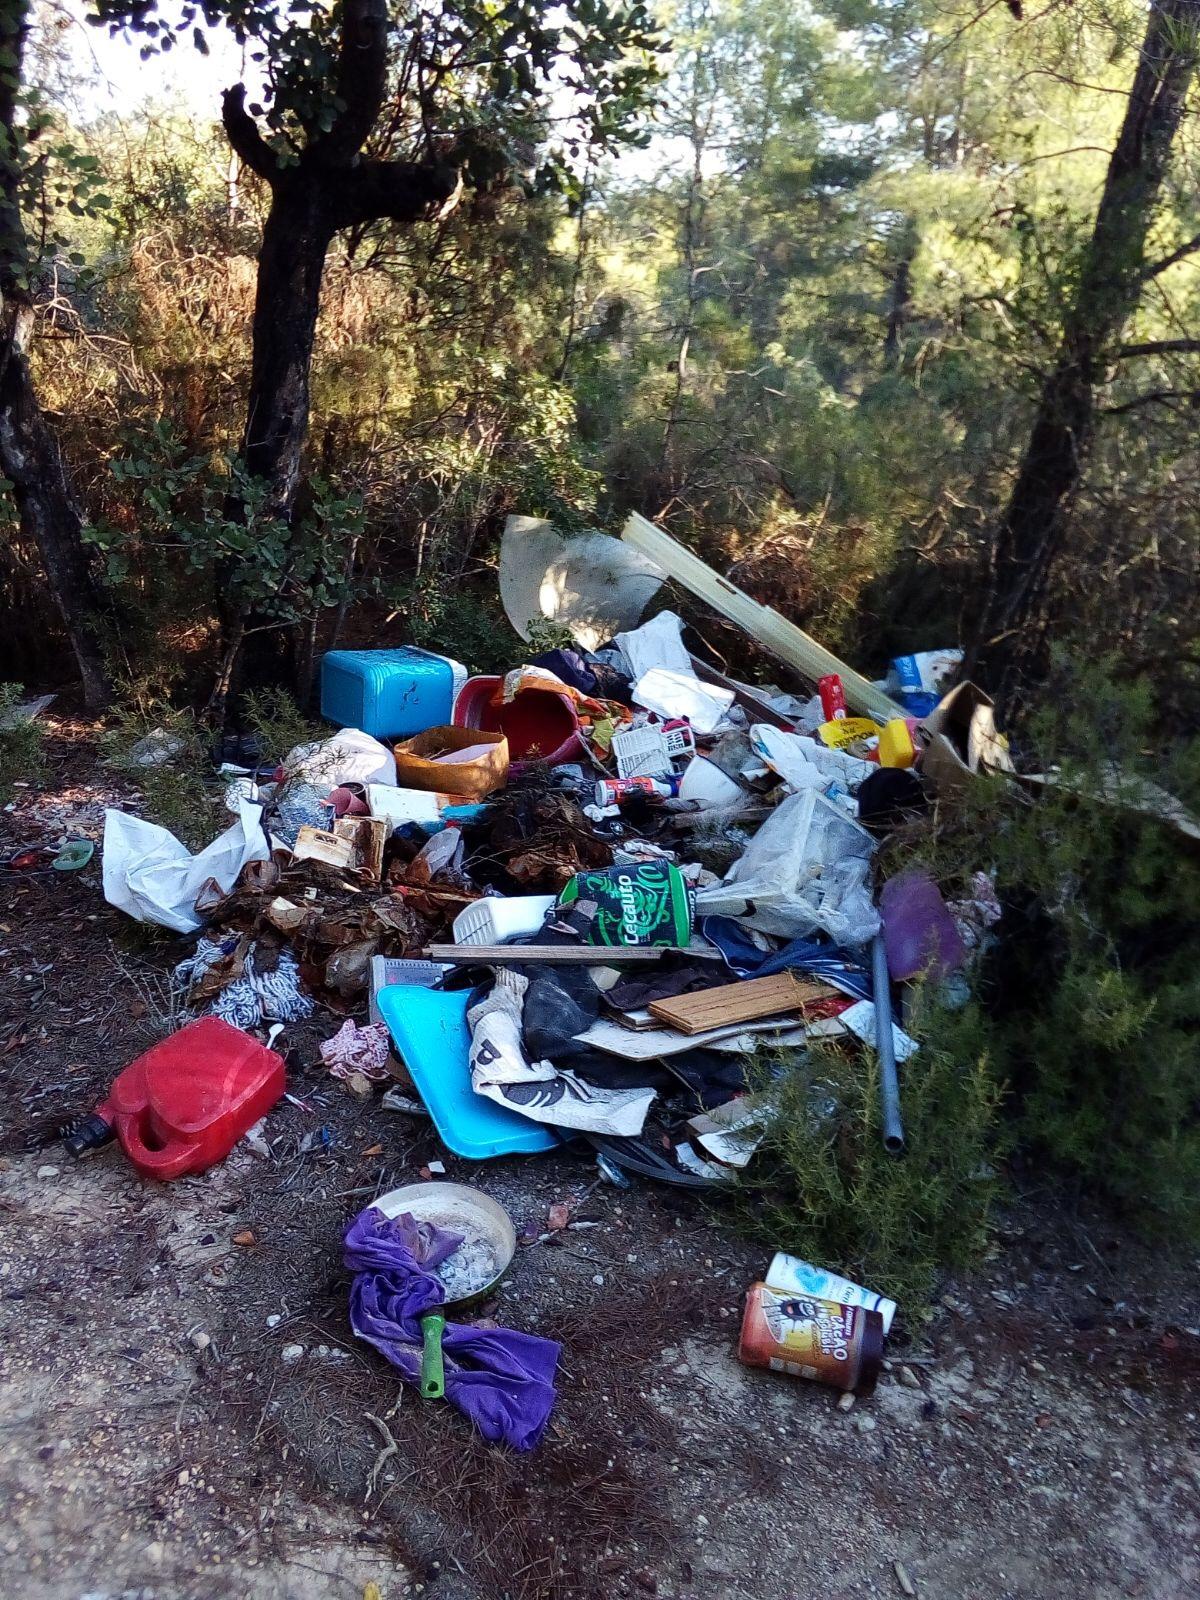 La Policia Local de Vilamarxant i els agents mediambientals de la Generalitat estan duent a terme les actuacions pertinents per localitzar a l'autor o l'autora d'este acte.